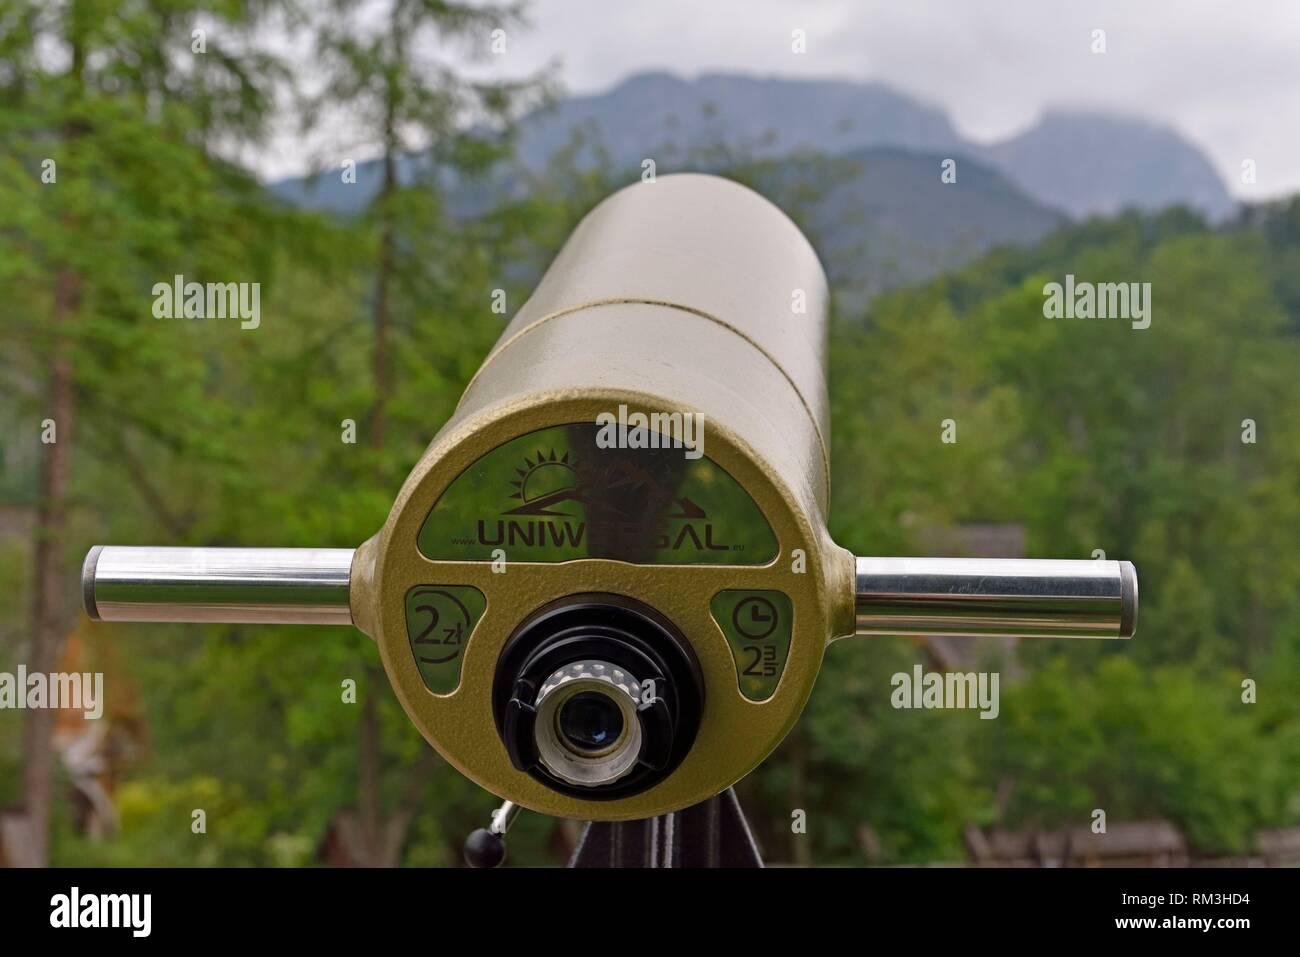 longue-vue touristique avec la chaine des Tatras en arriere-plan, Zakopane, region Podhale, Massif des Tatras, Province Malopolska (Petite Pologne), - Stock Image